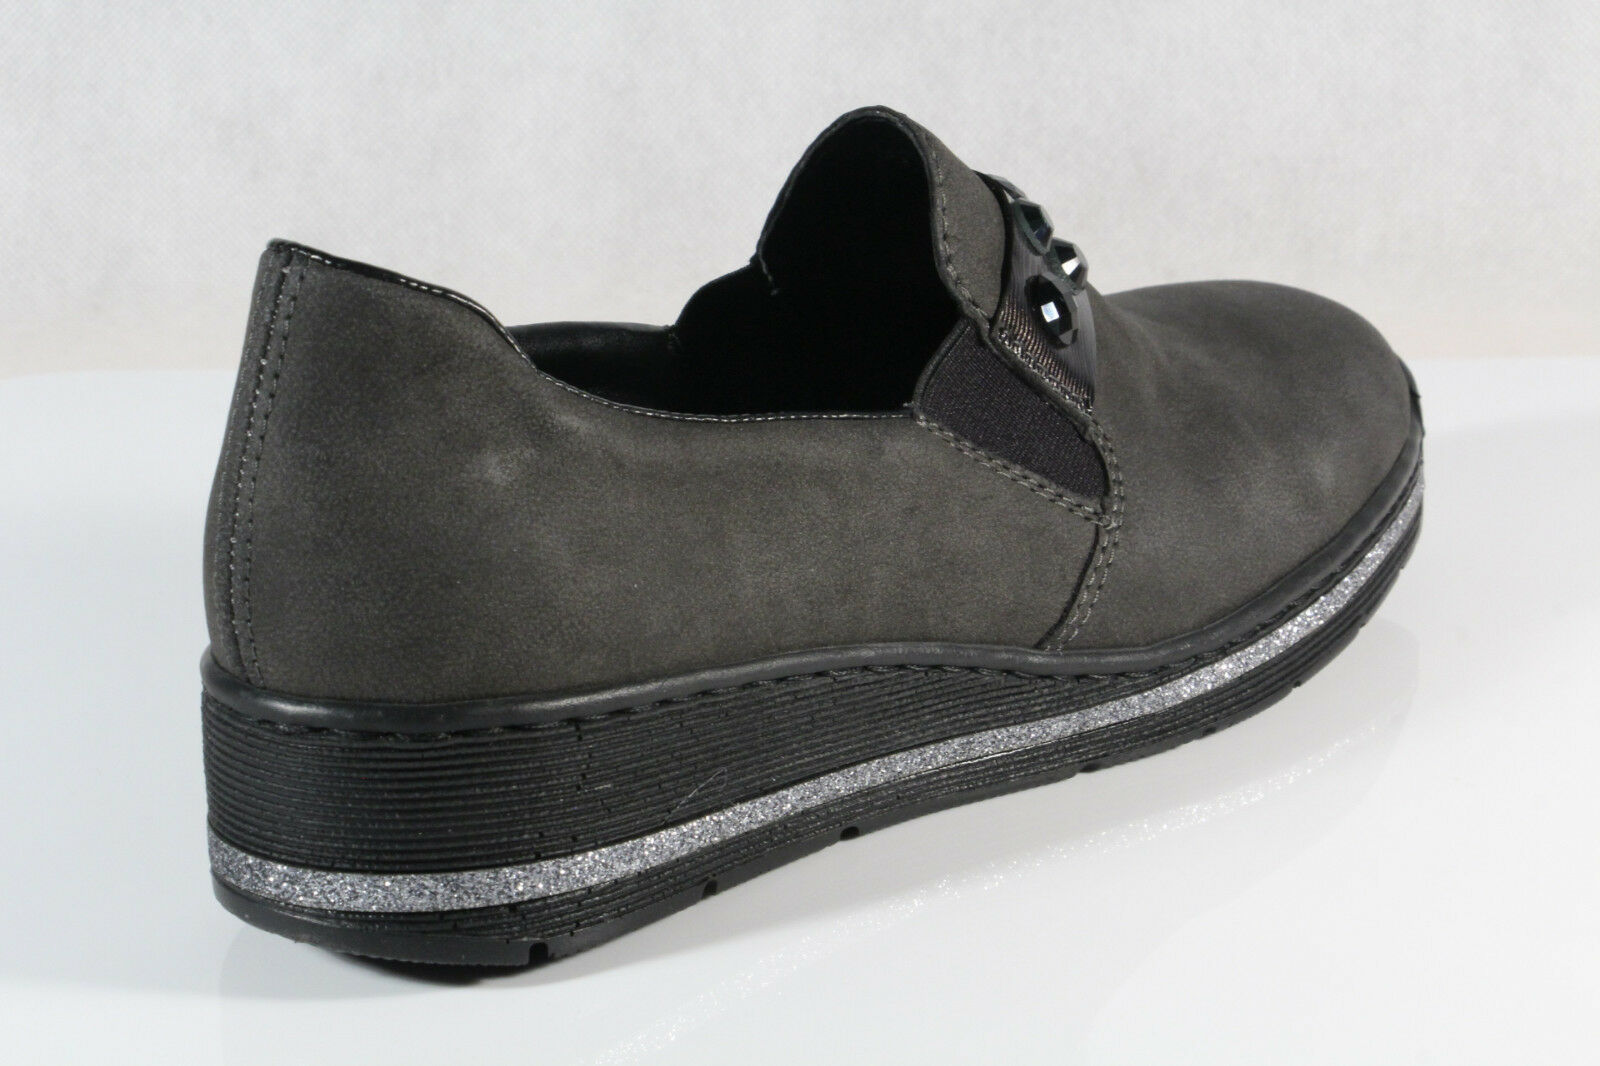 ... Rieker Damen Slipper Halbschuhe, Sneakers grau grau Sneakers 589D4 NEU  05a682 ... 51725f818c